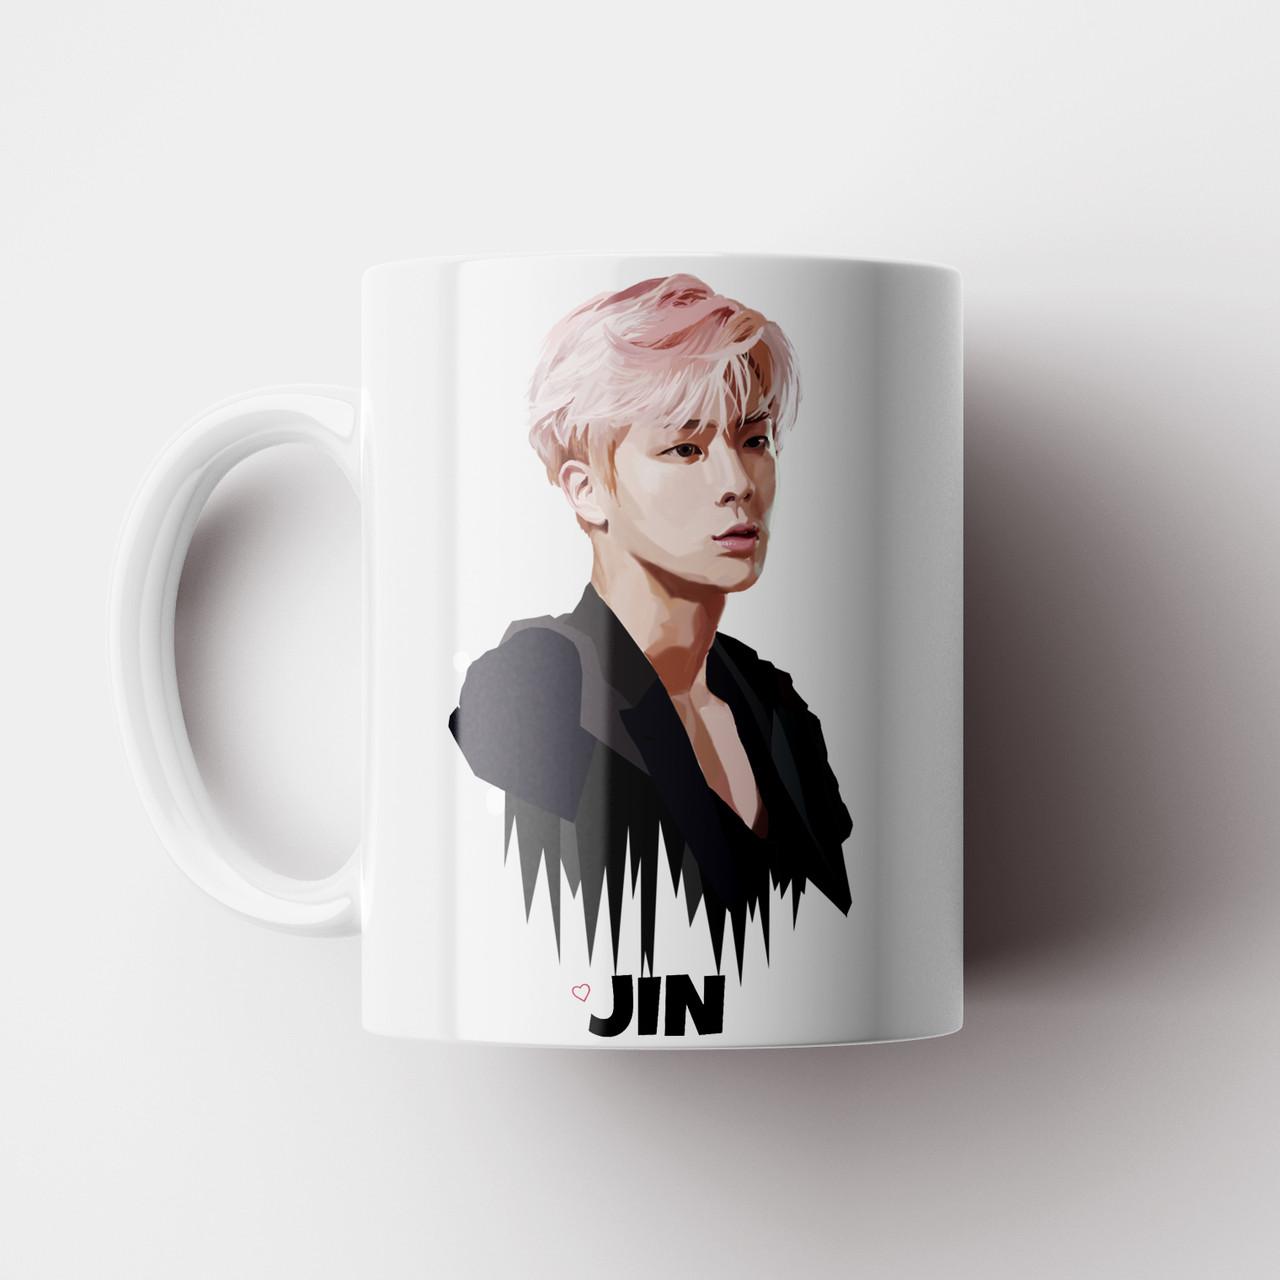 Чашка Jin BTS. Чашка з принтом Джин БТС №14. Музика. Чашка з фото